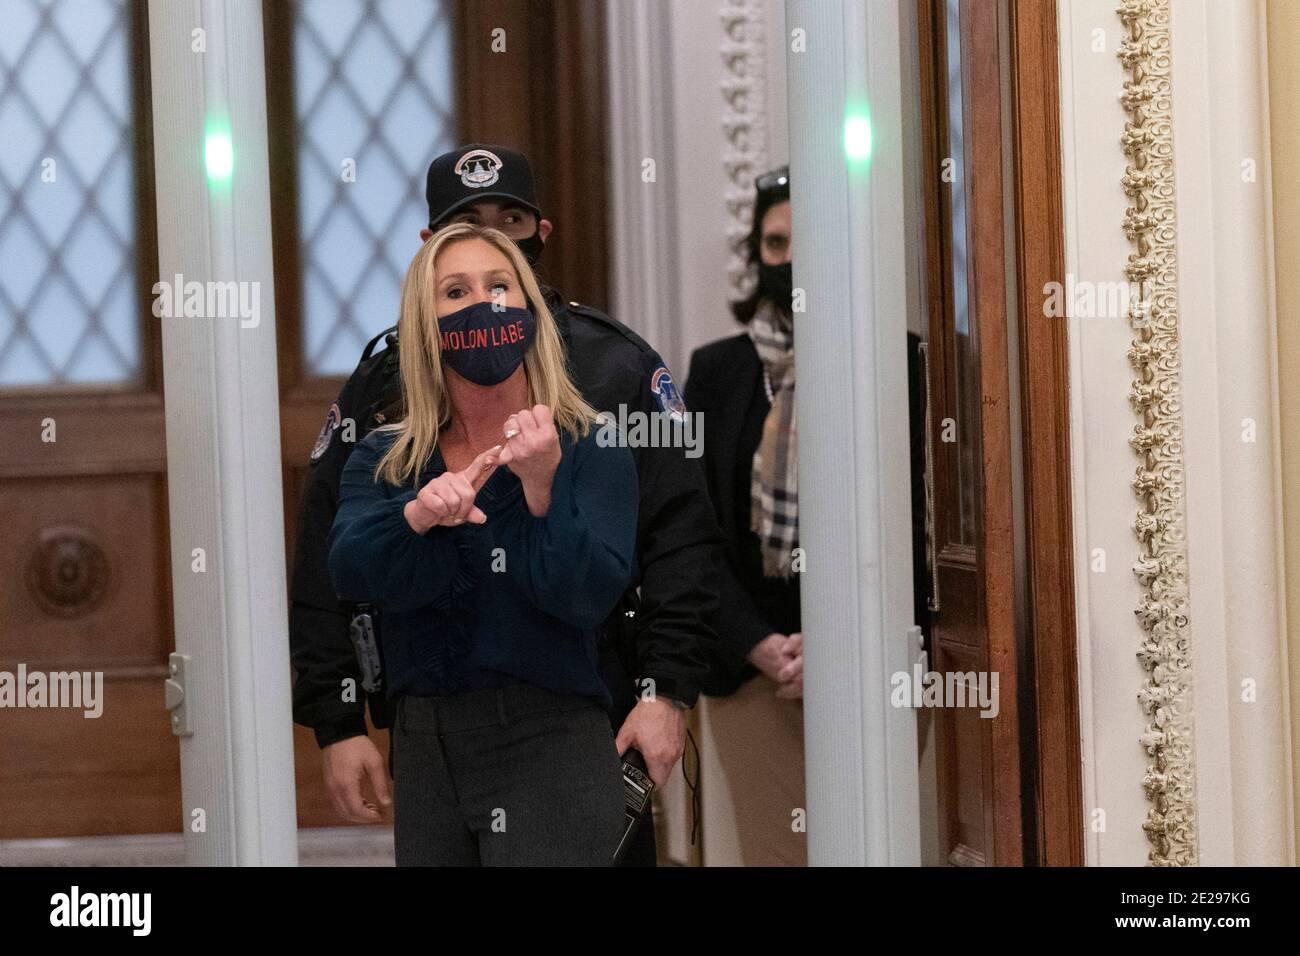 12 de enero de 2021- Washington DC- la representante Marjorie Taylor Greene(R-GA) grita a los periodistas mientras pasa por un detector de metales recién instalado fuera de la Cámara de representantes. Crédito de la foto: Chris Kleponis/Sipa USA Foto de stock